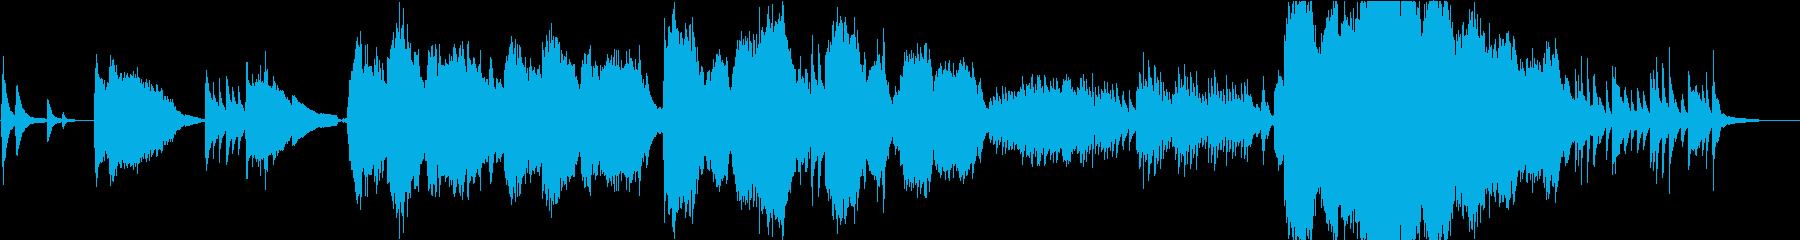 エルフ語の、幻想的なヒーリング曲の再生済みの波形